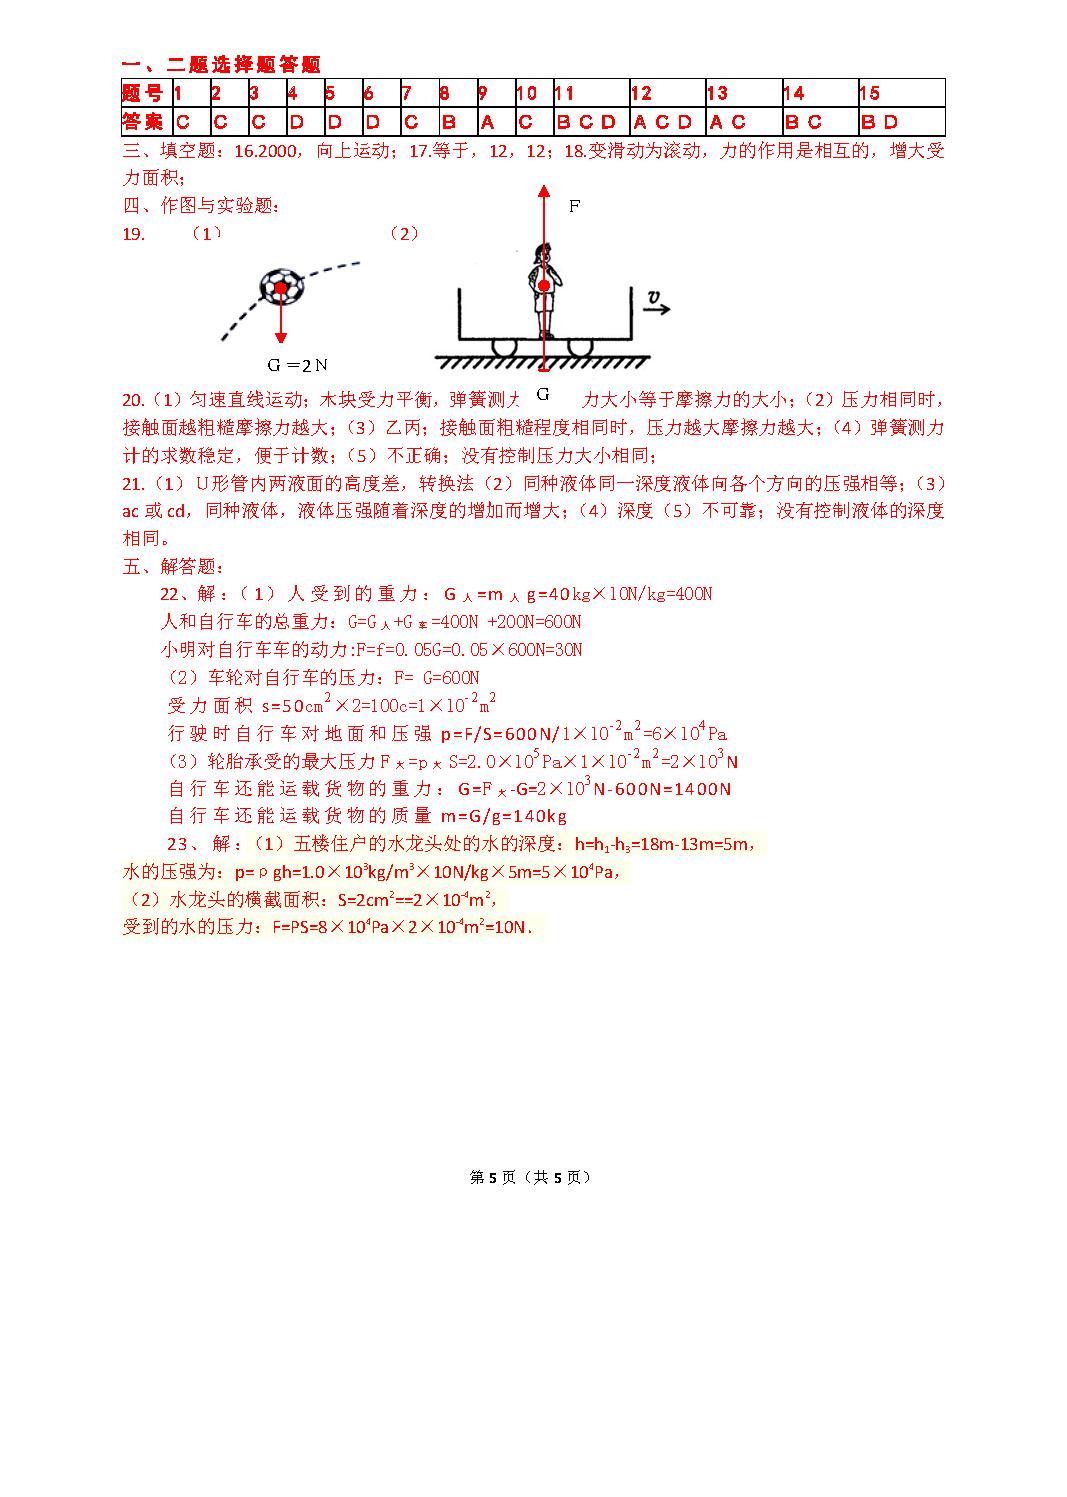 日照五莲于里初中2017八年级下物理第一月考试题答案(图片版)